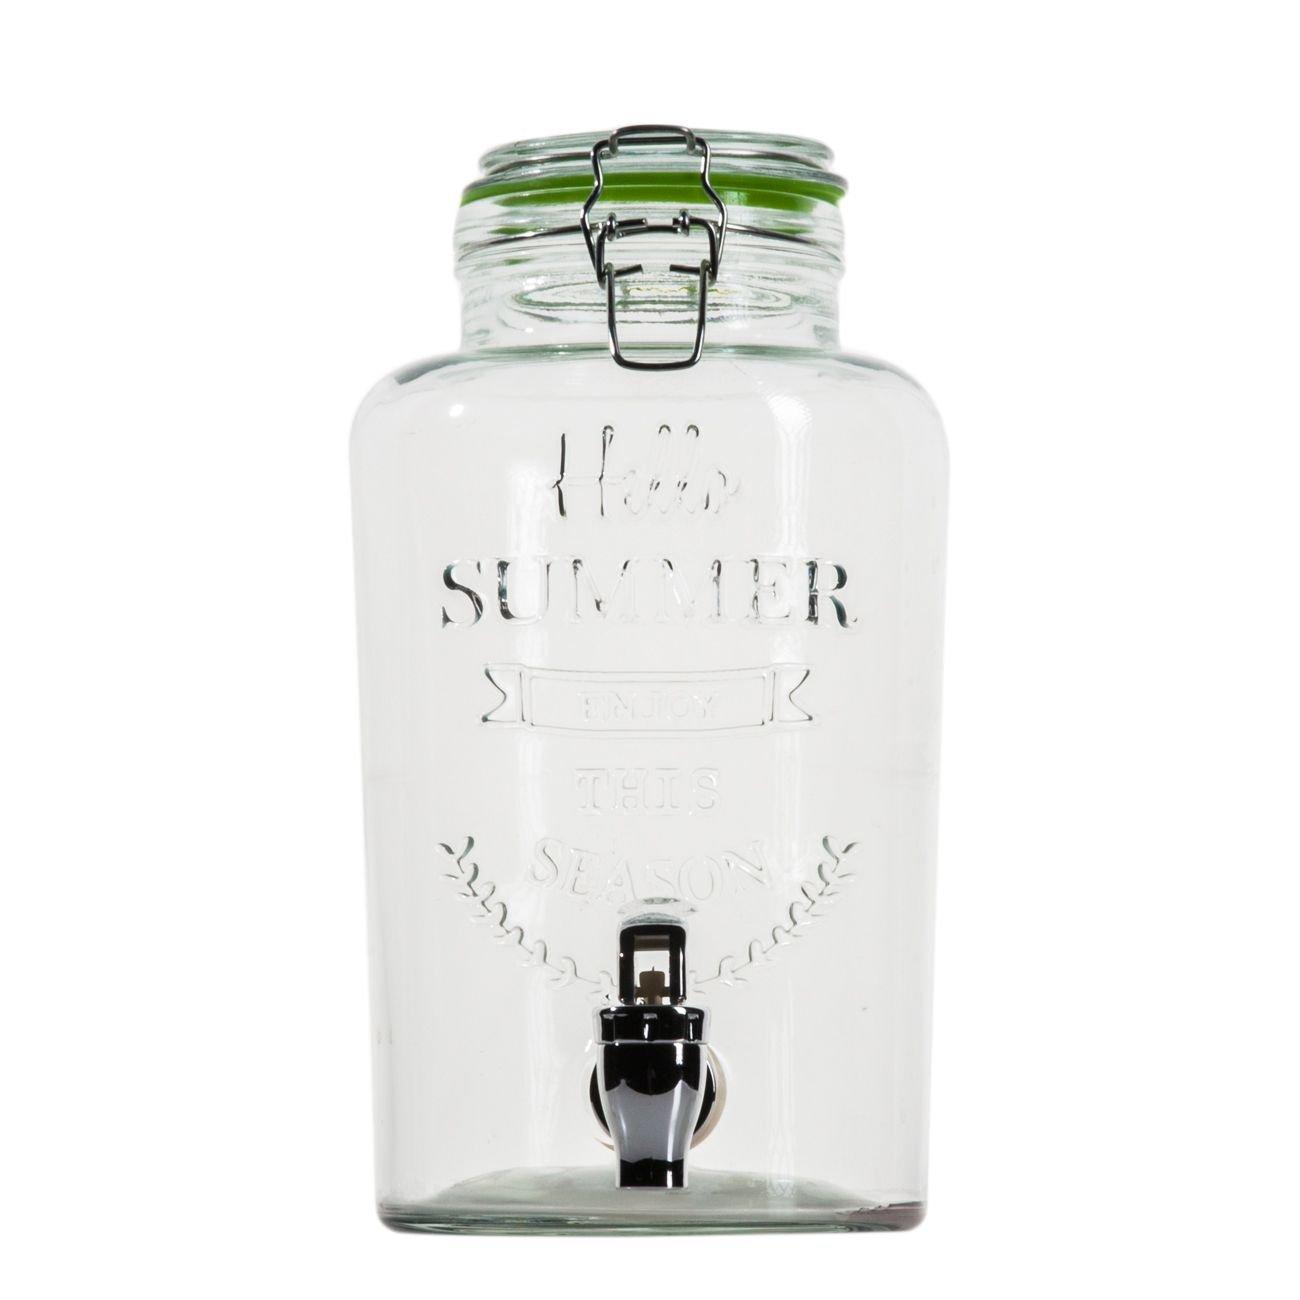 Esto24® Hochwertiger Getränkespender Aus Glas Mit Schriftzug 3 Liter Mit  Zapfhahn Und Deckel Product Image